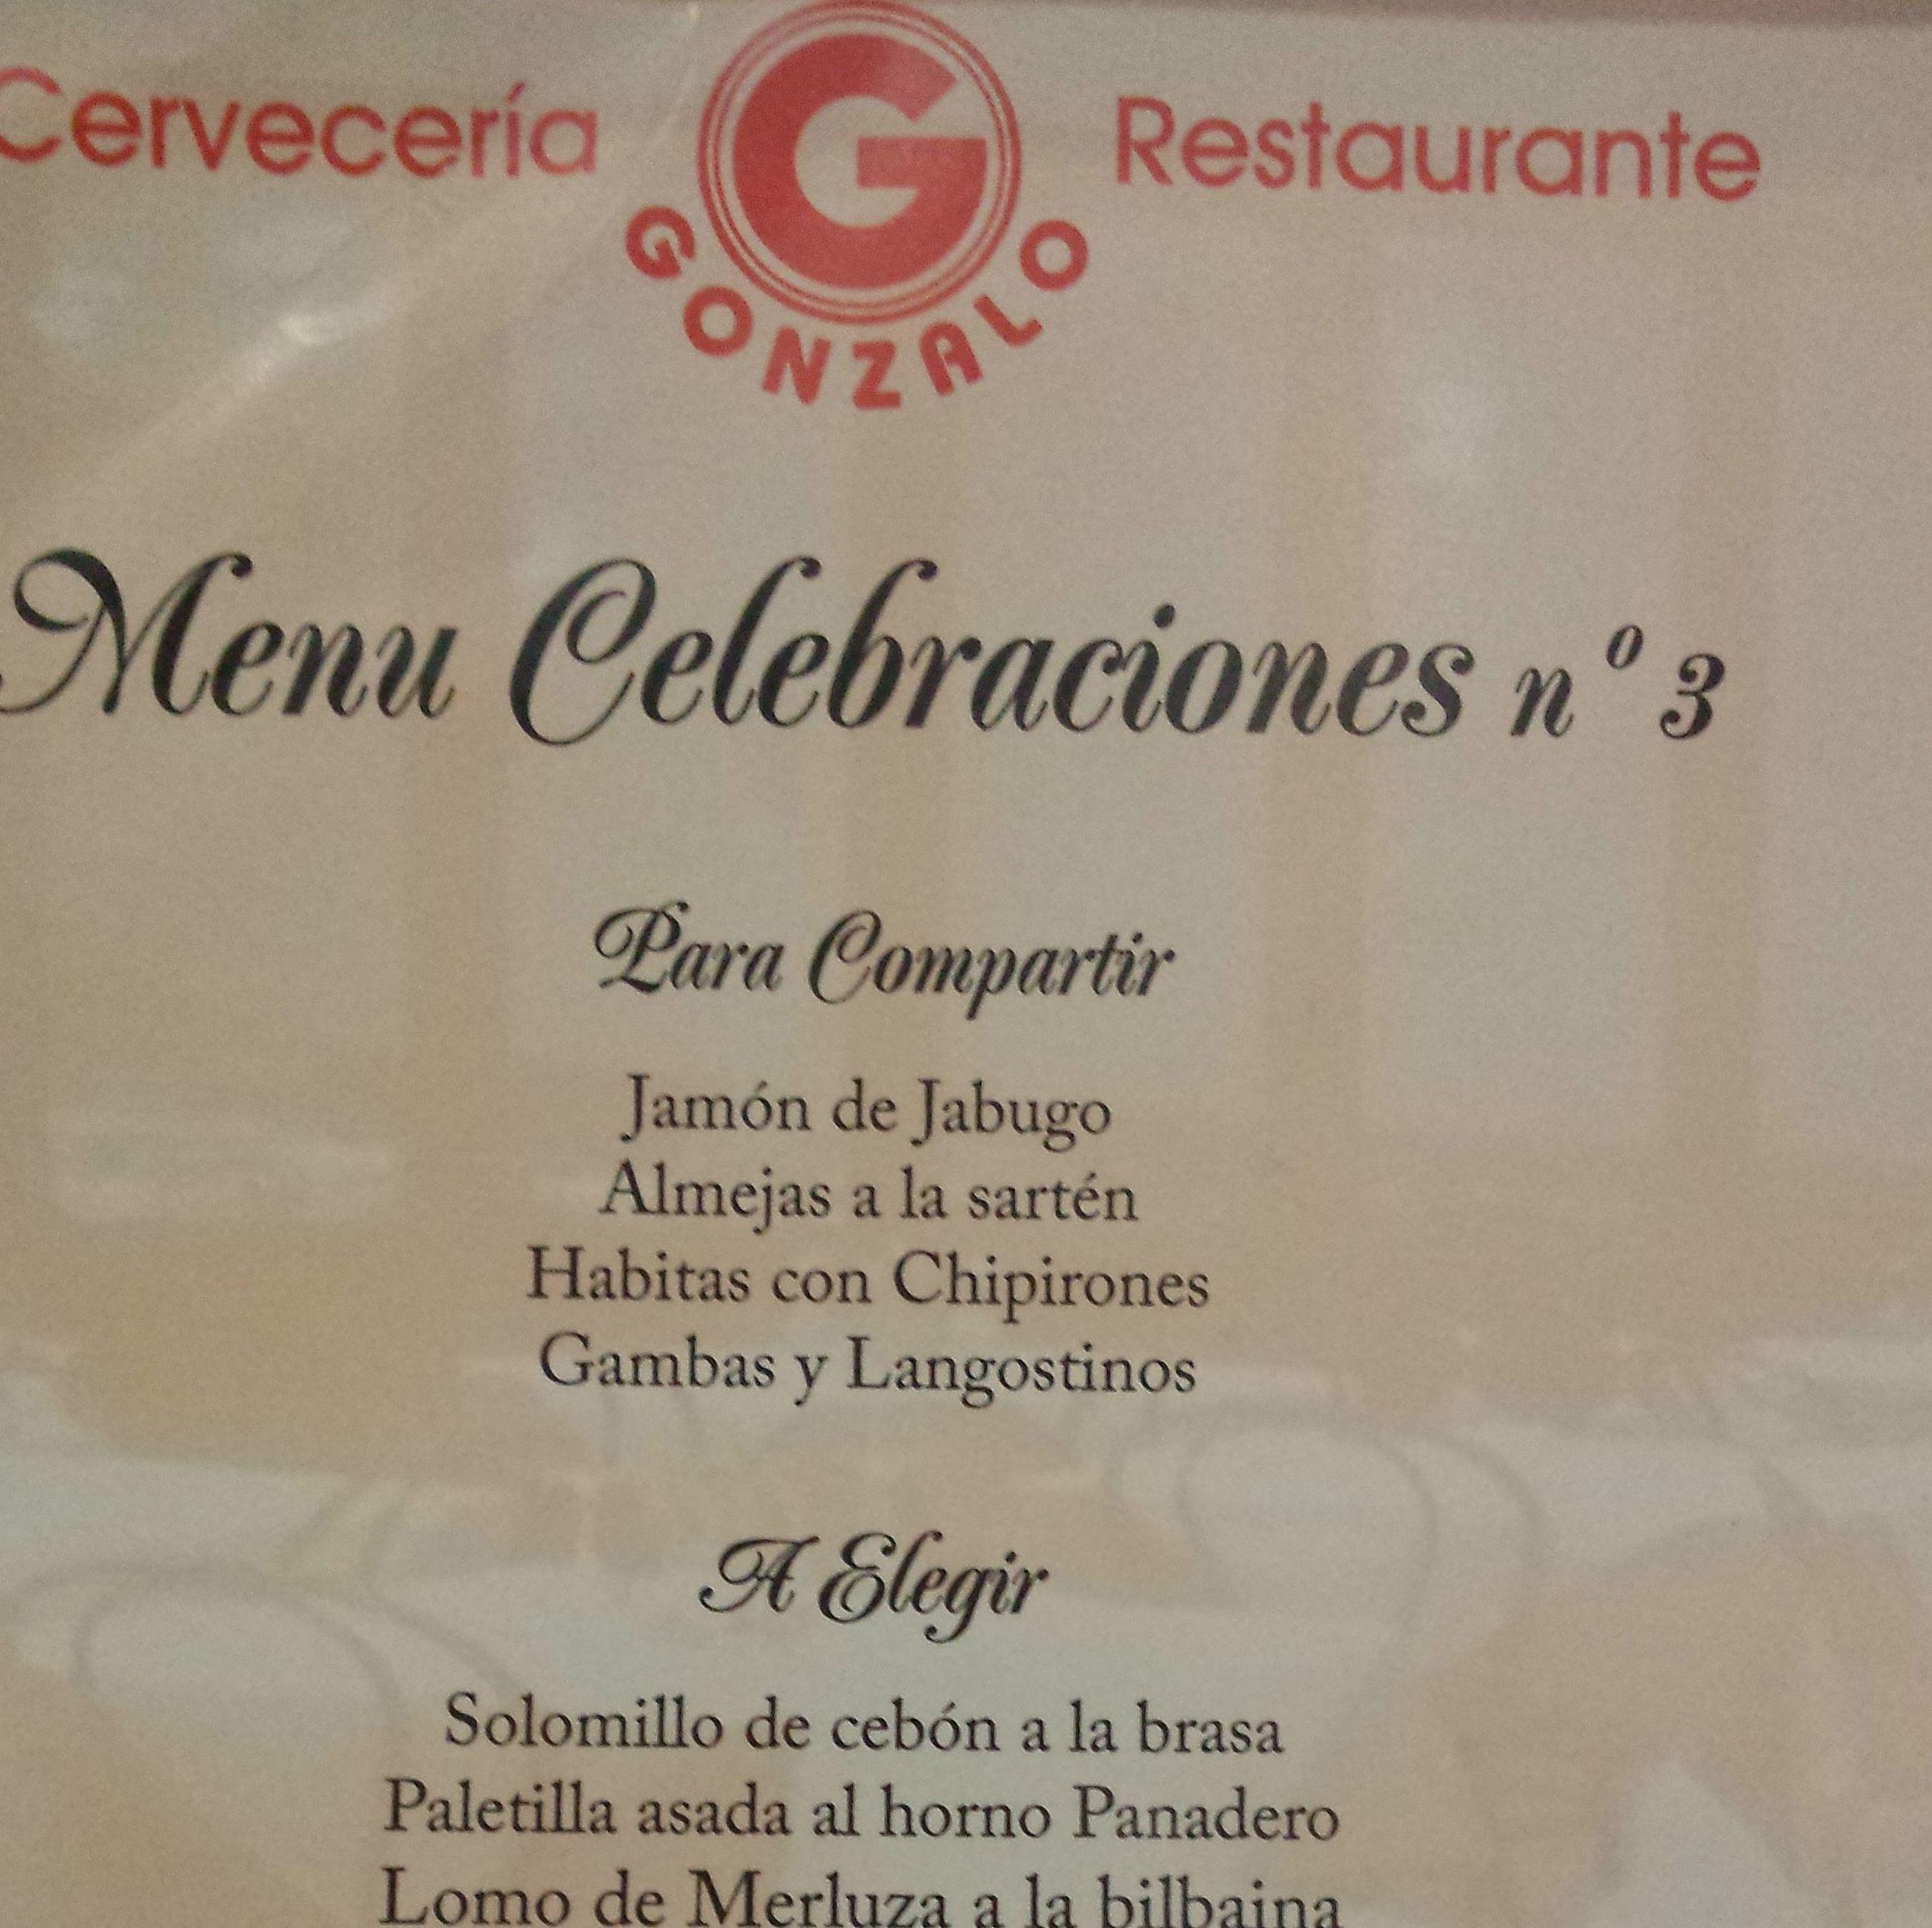 Foto 31 de Cocina castellana en Madrid | Restaurante Gonzalo